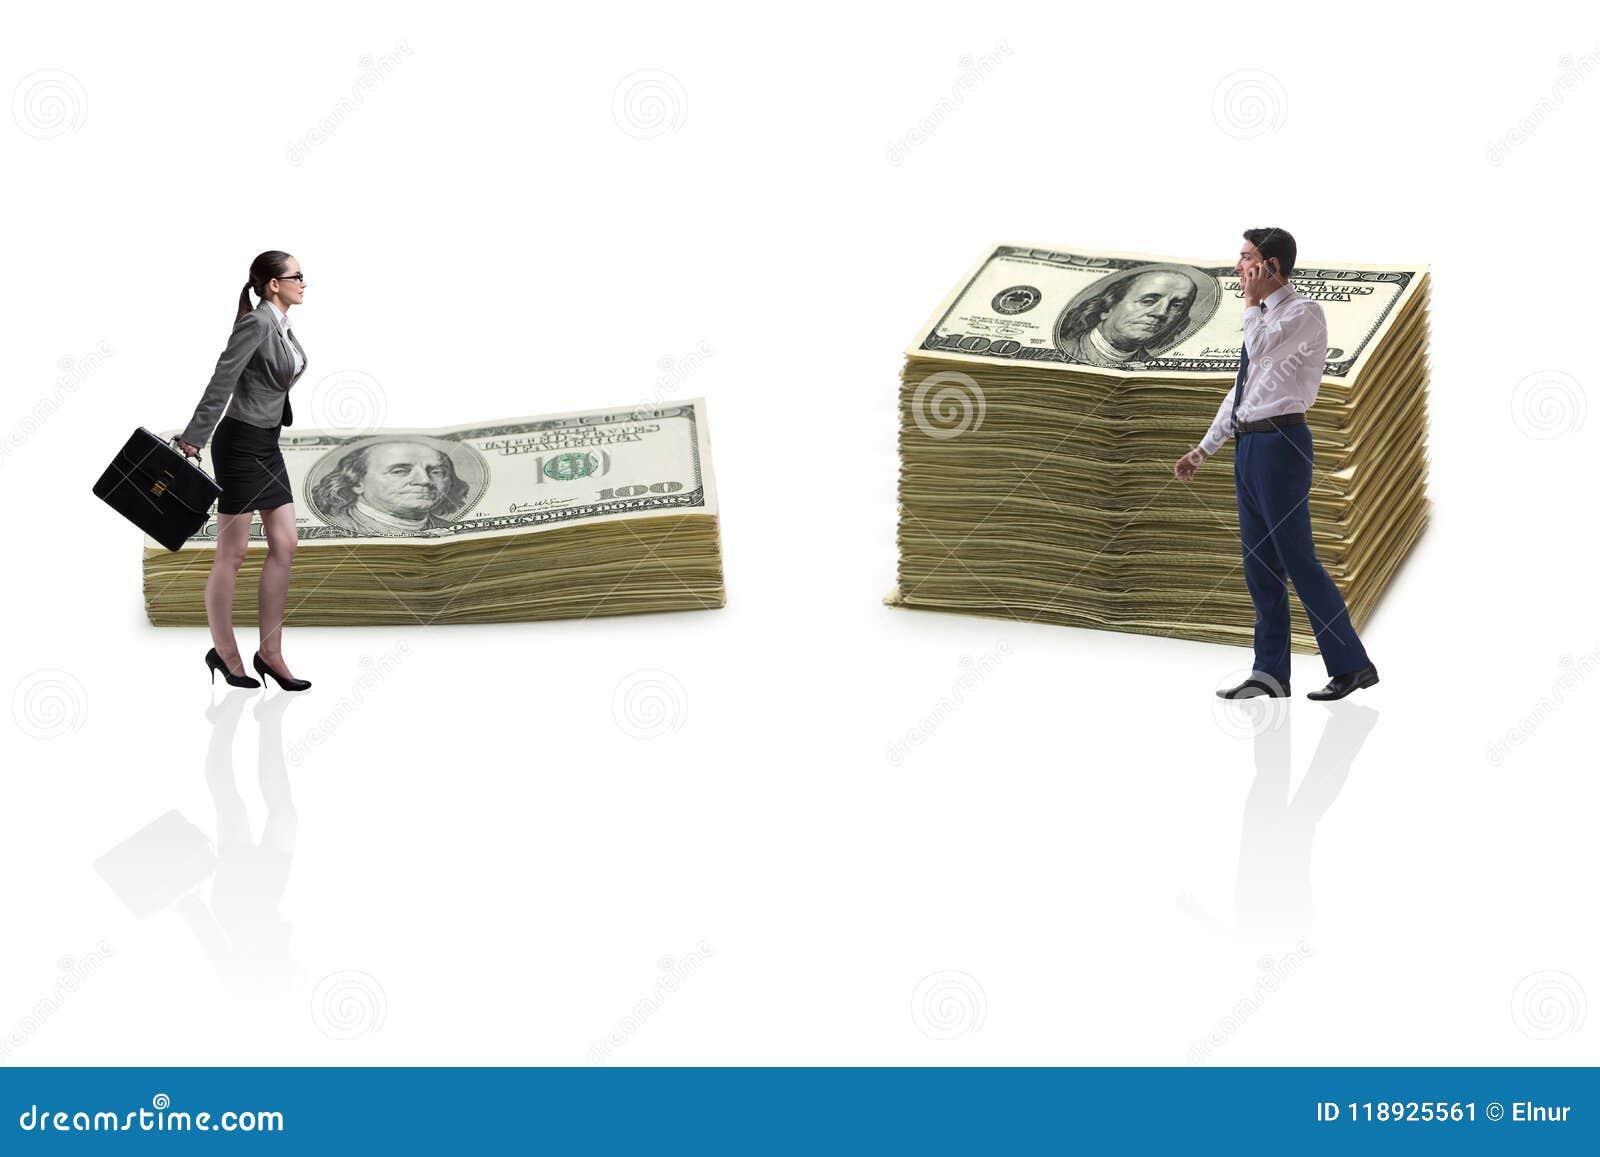 El concepto de hueco desigual de la paga y de género entre la mujer del hombre